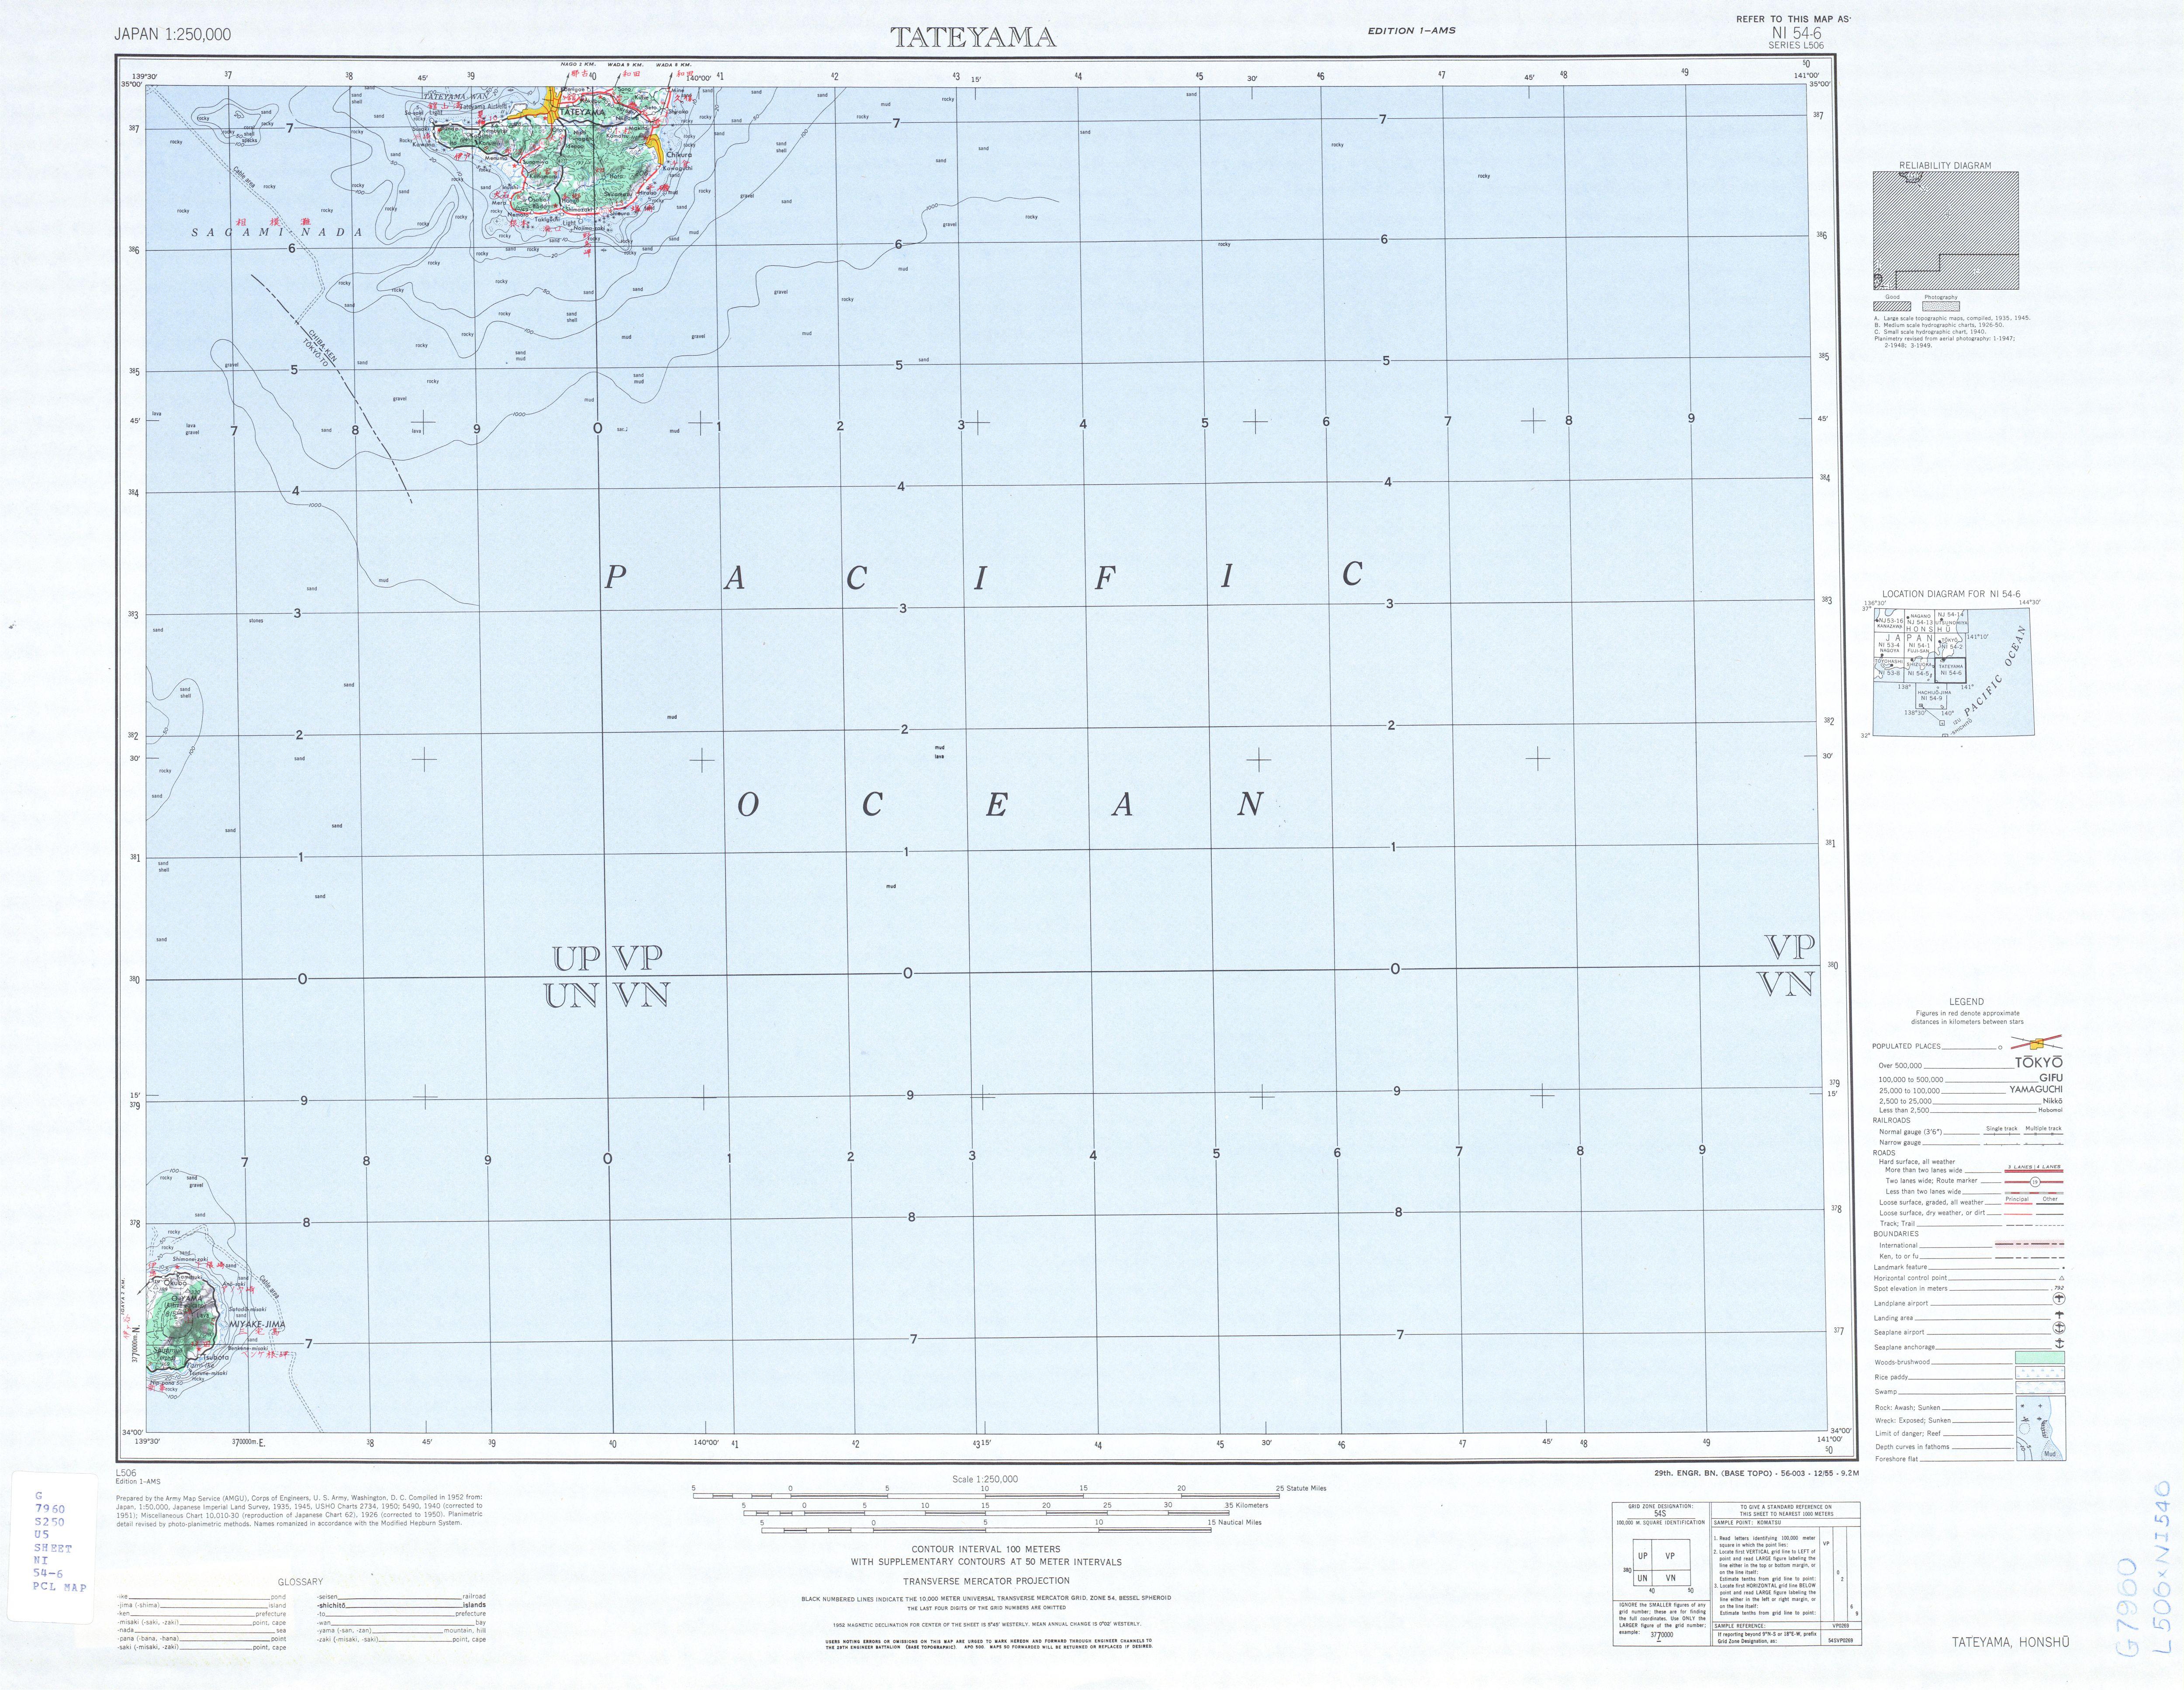 Hoja Tateyama del Mapa Topográfico de Japón 1954